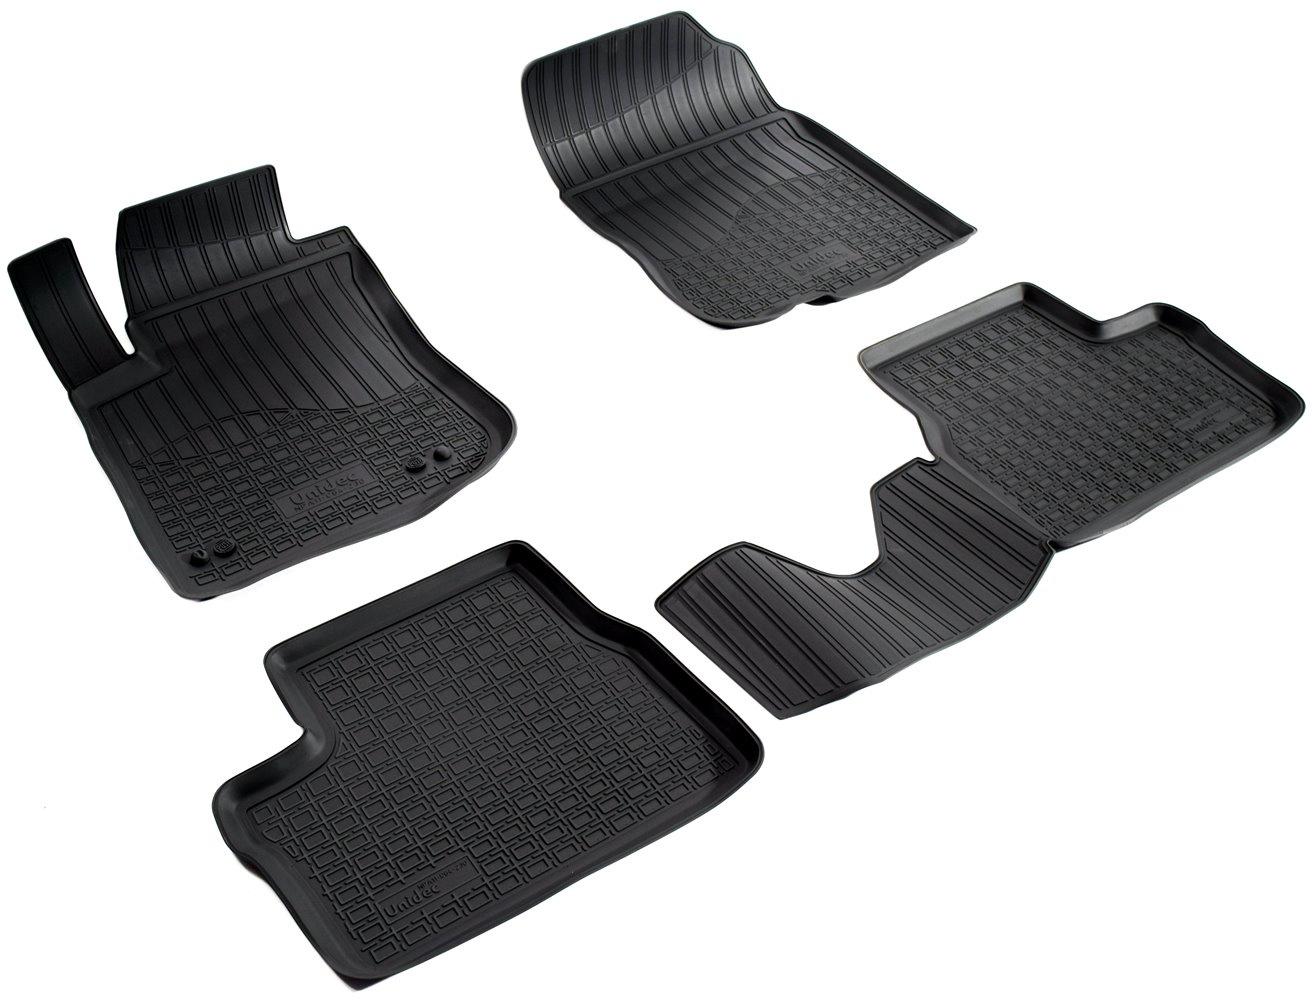 Коврики в салон автомобиля Norplast для Peugeot 2008-2013, NPA11-C64-230, черный комплект ковриков в салон автомобиля autofamily peugeot 3008 2008 универсал цвет черный